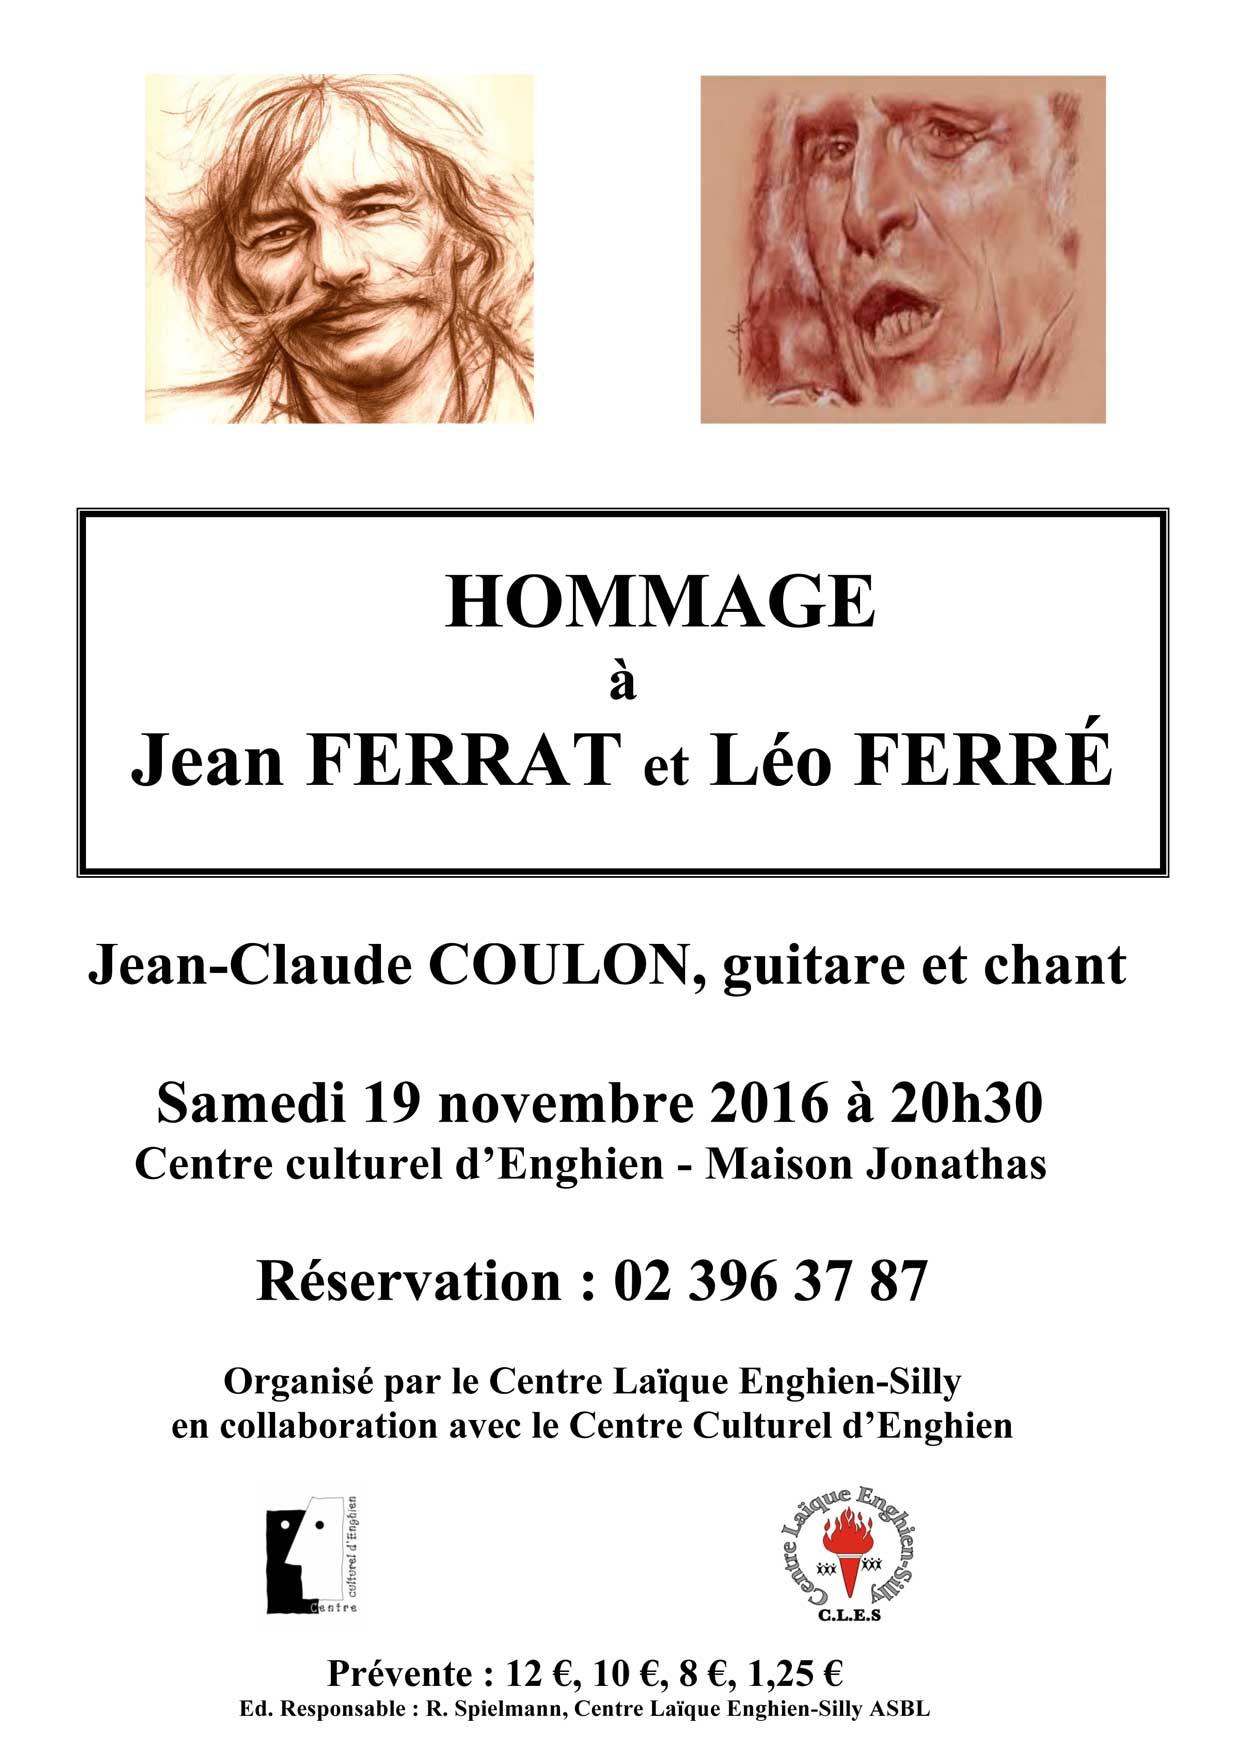 Affiche 2016 - Ferrat Ferré